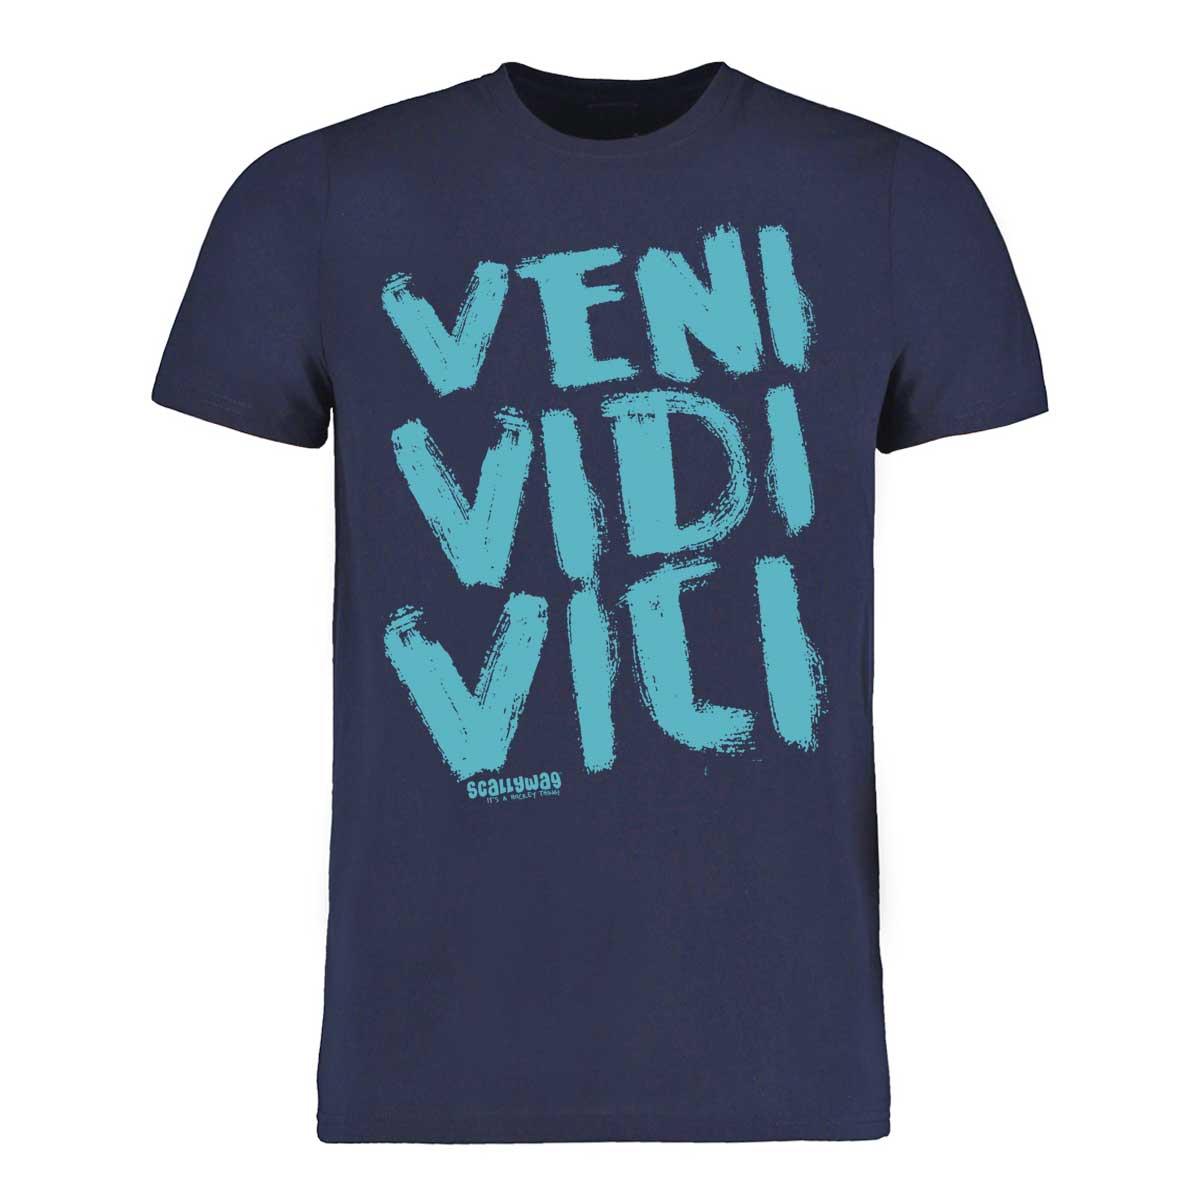 Eishockey T-Shirt von SCALLYWAG® Modell VENI VIDI VICI.